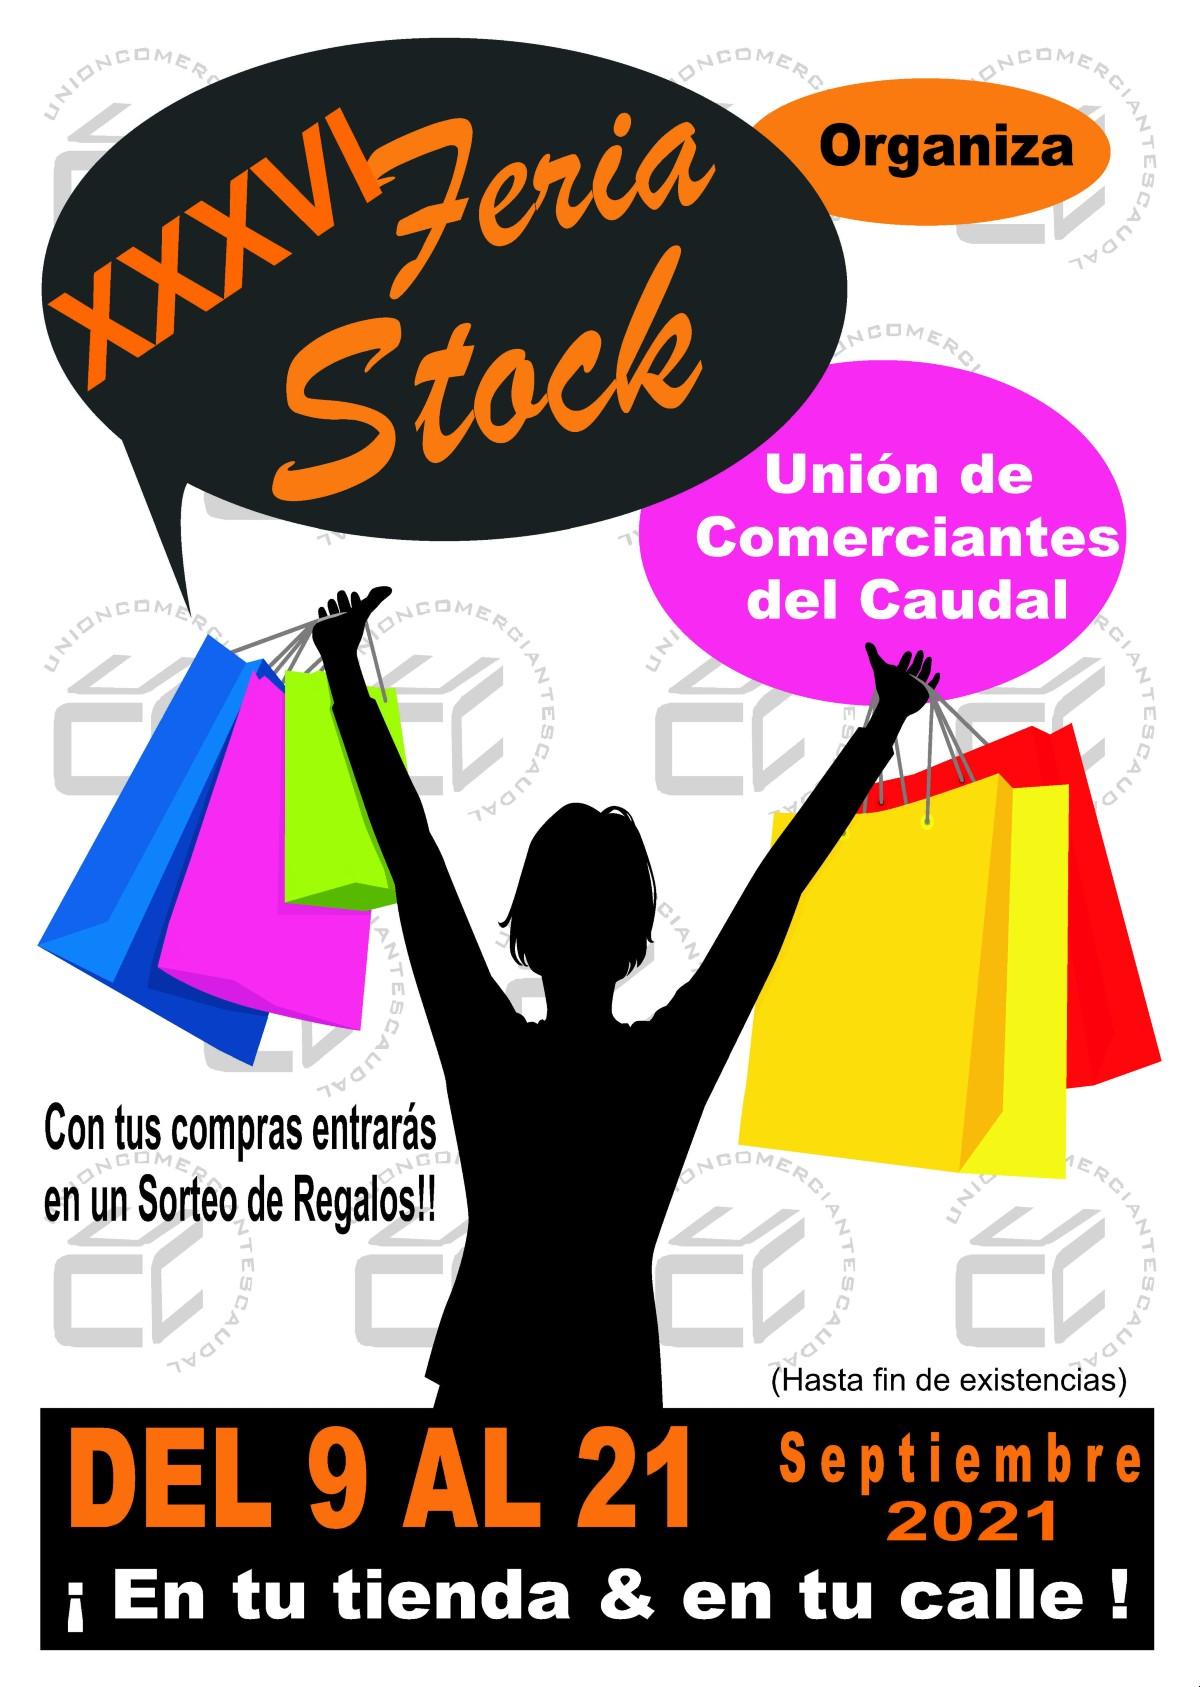 Cartel Feria Stock 2021 Union De Comerciantes Caudal